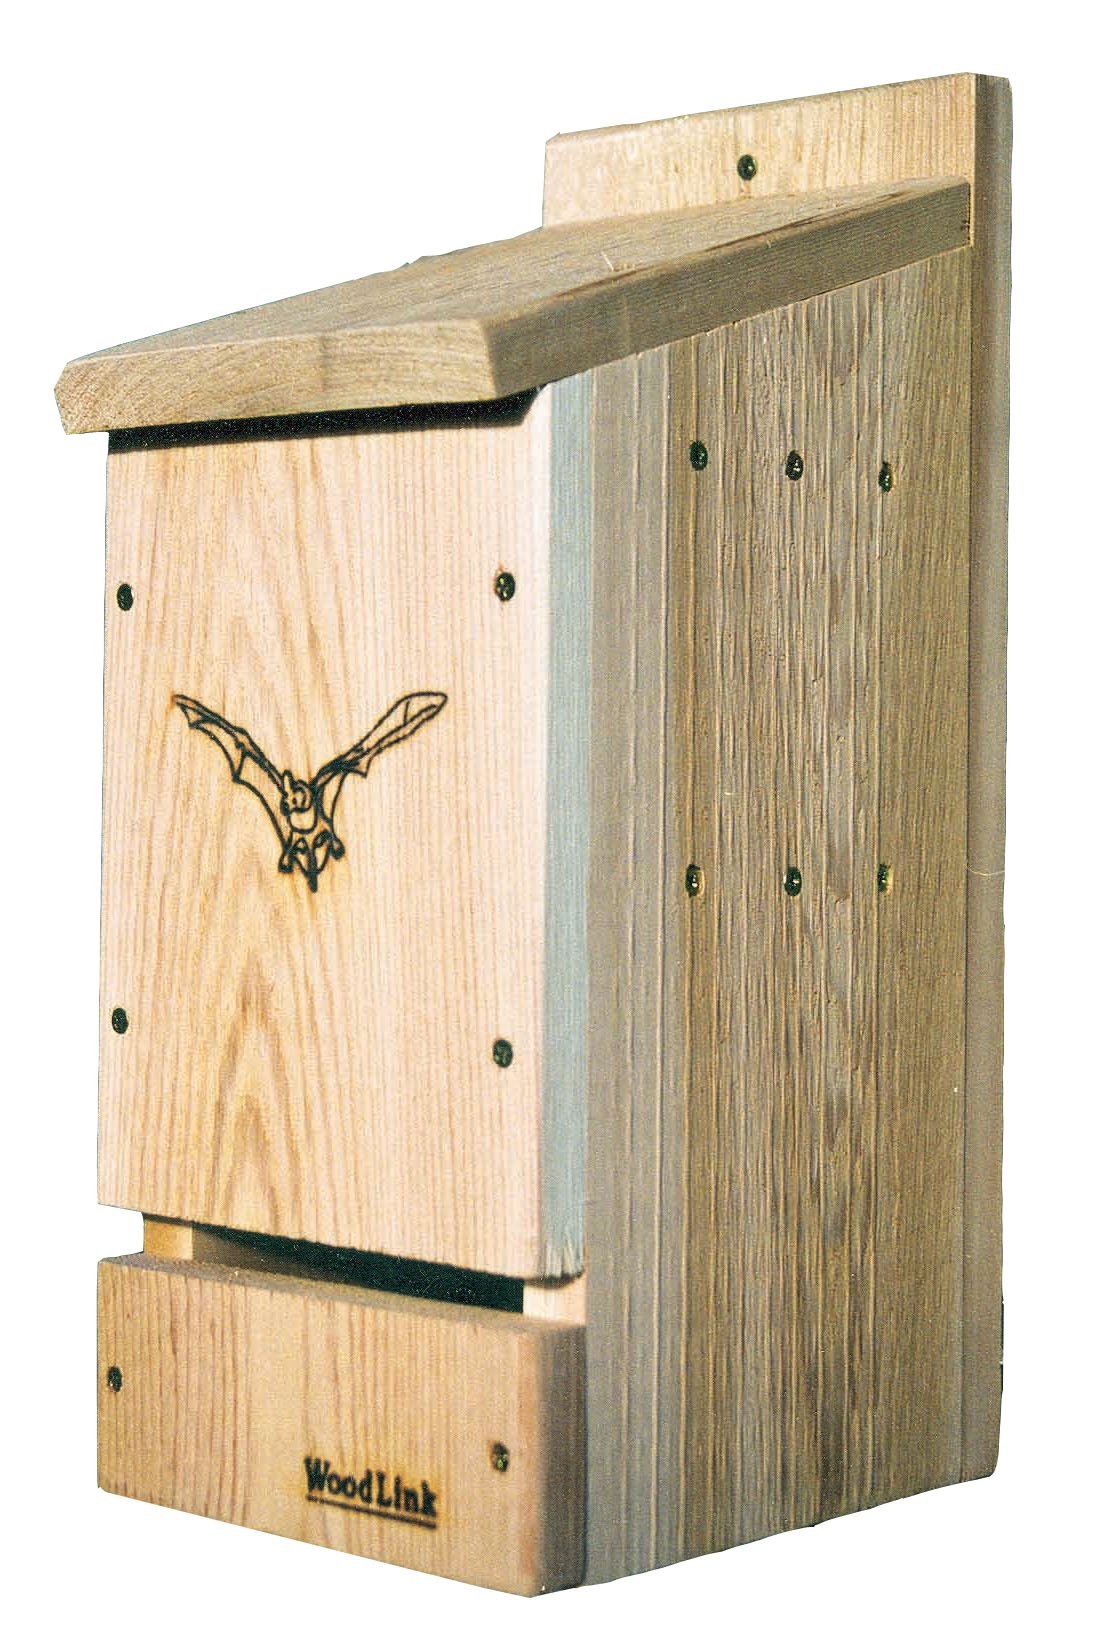 Woodlink BAT1 Cedar Bat Cottage by Woodlink (Image #1)